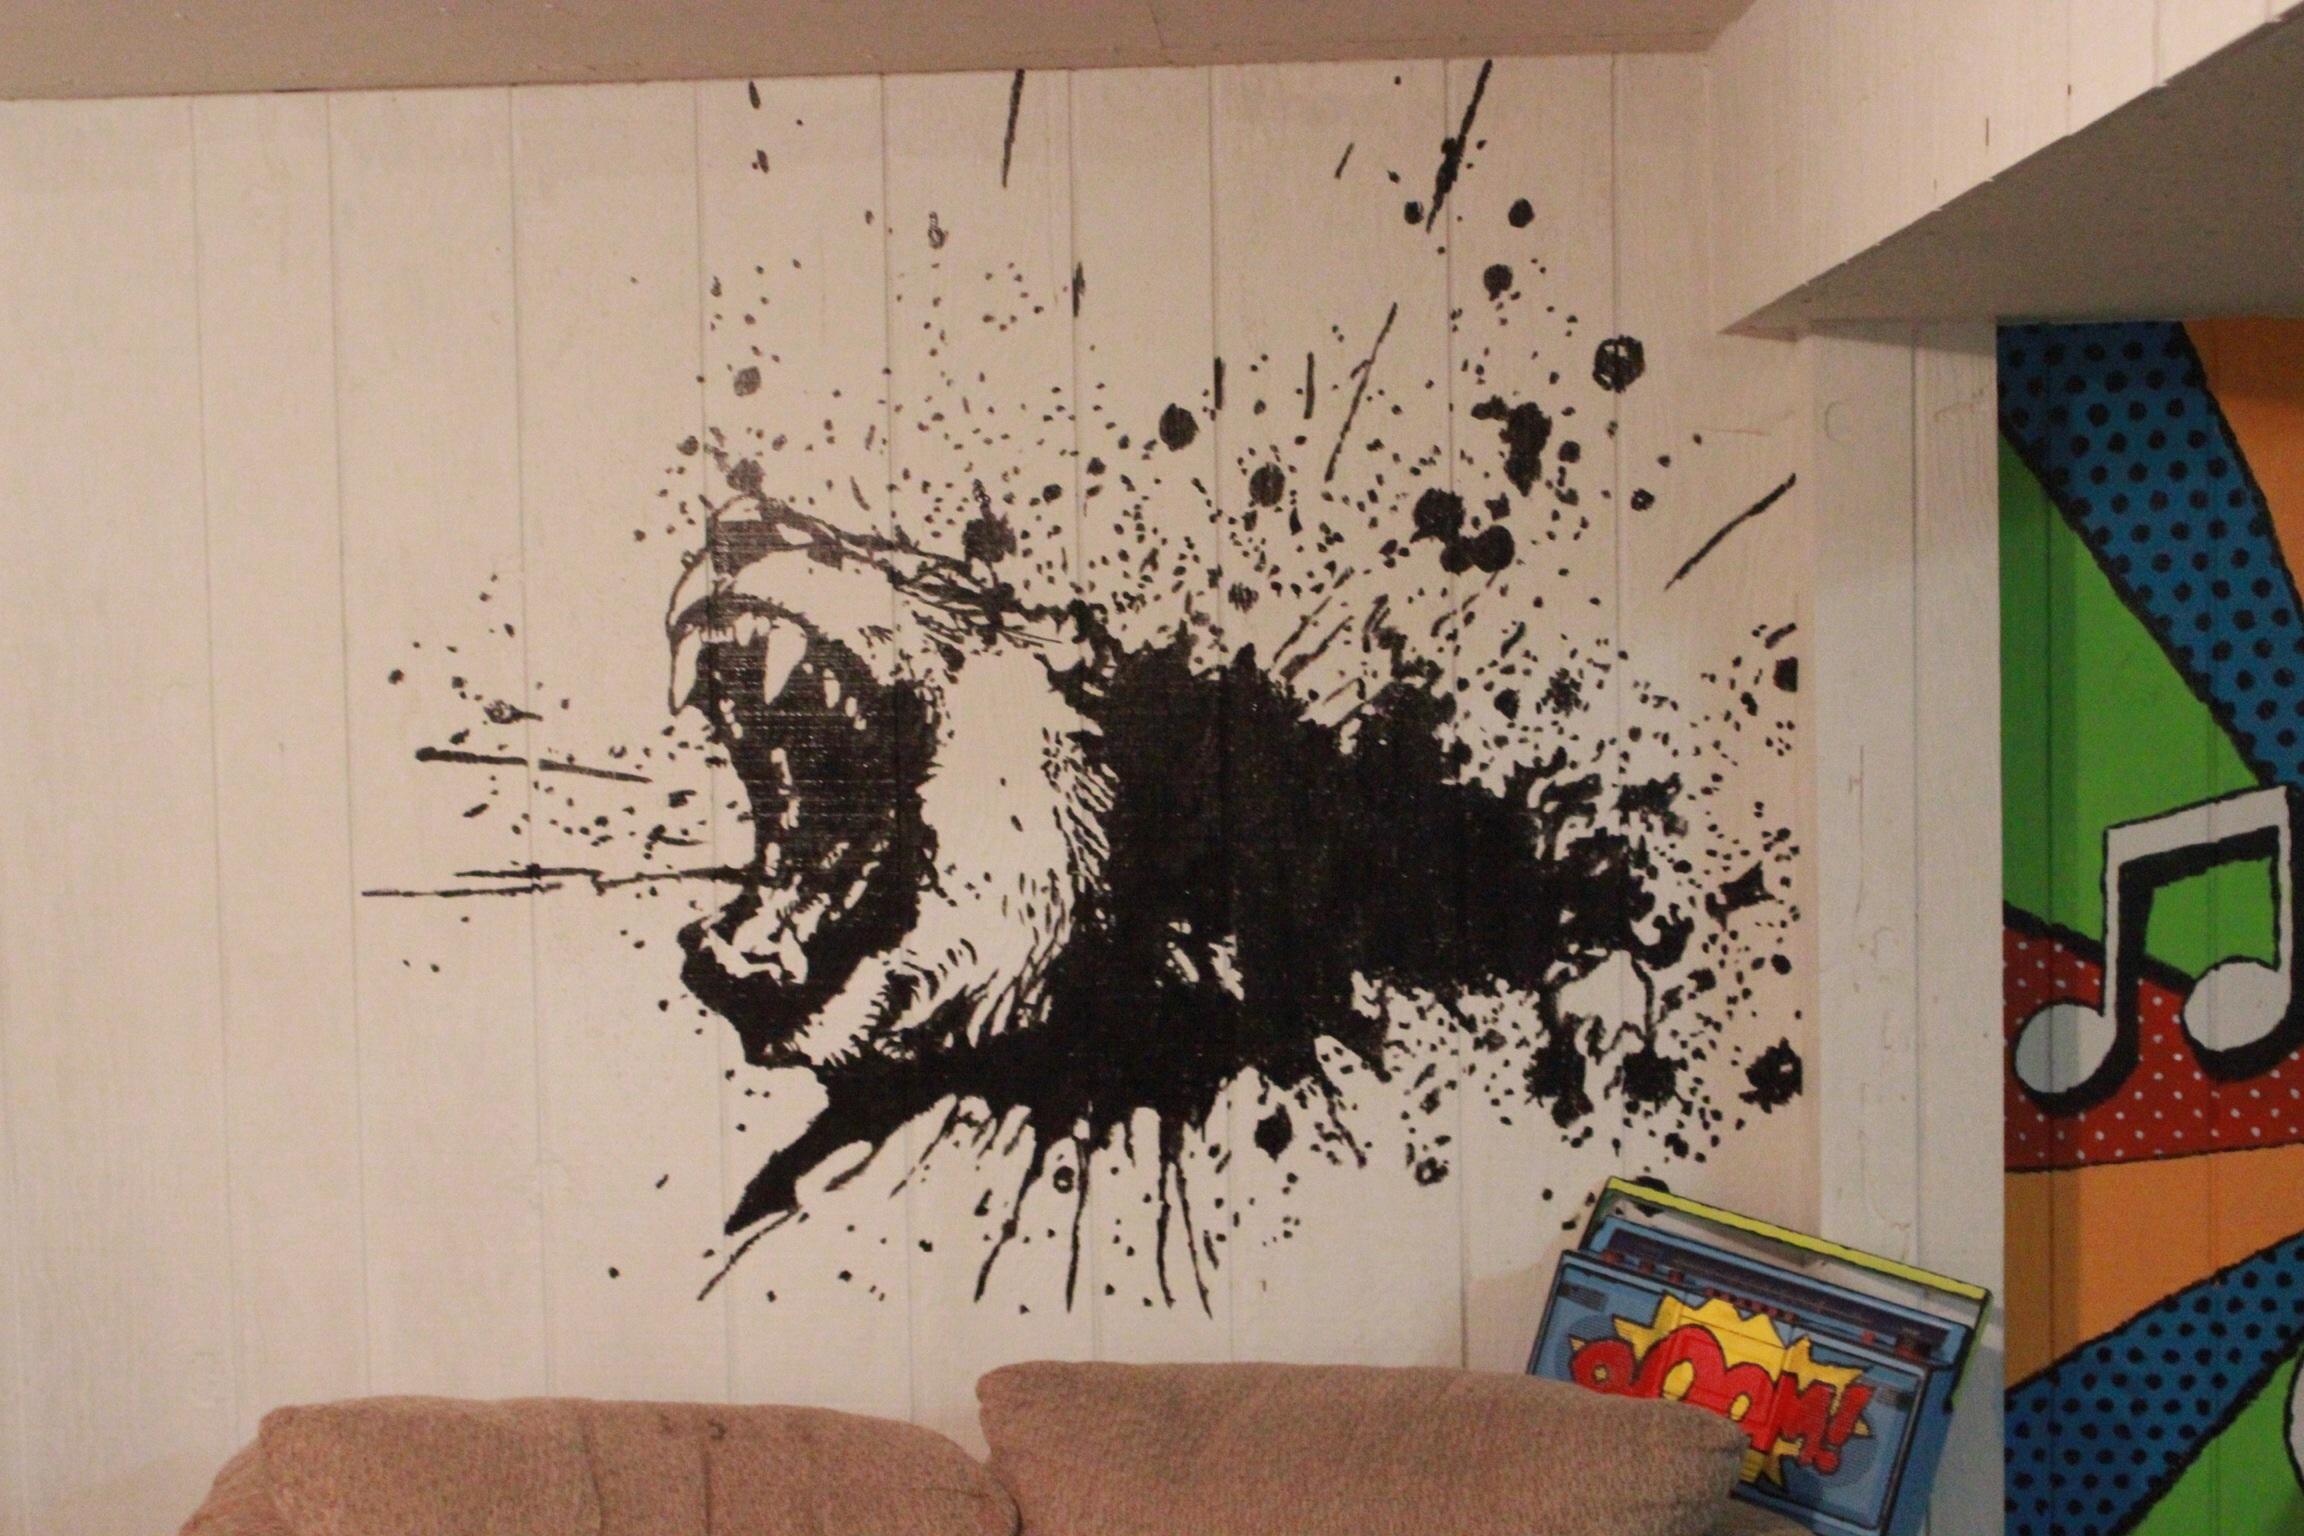 разрисовка стен трафаретными рисунками и узорами